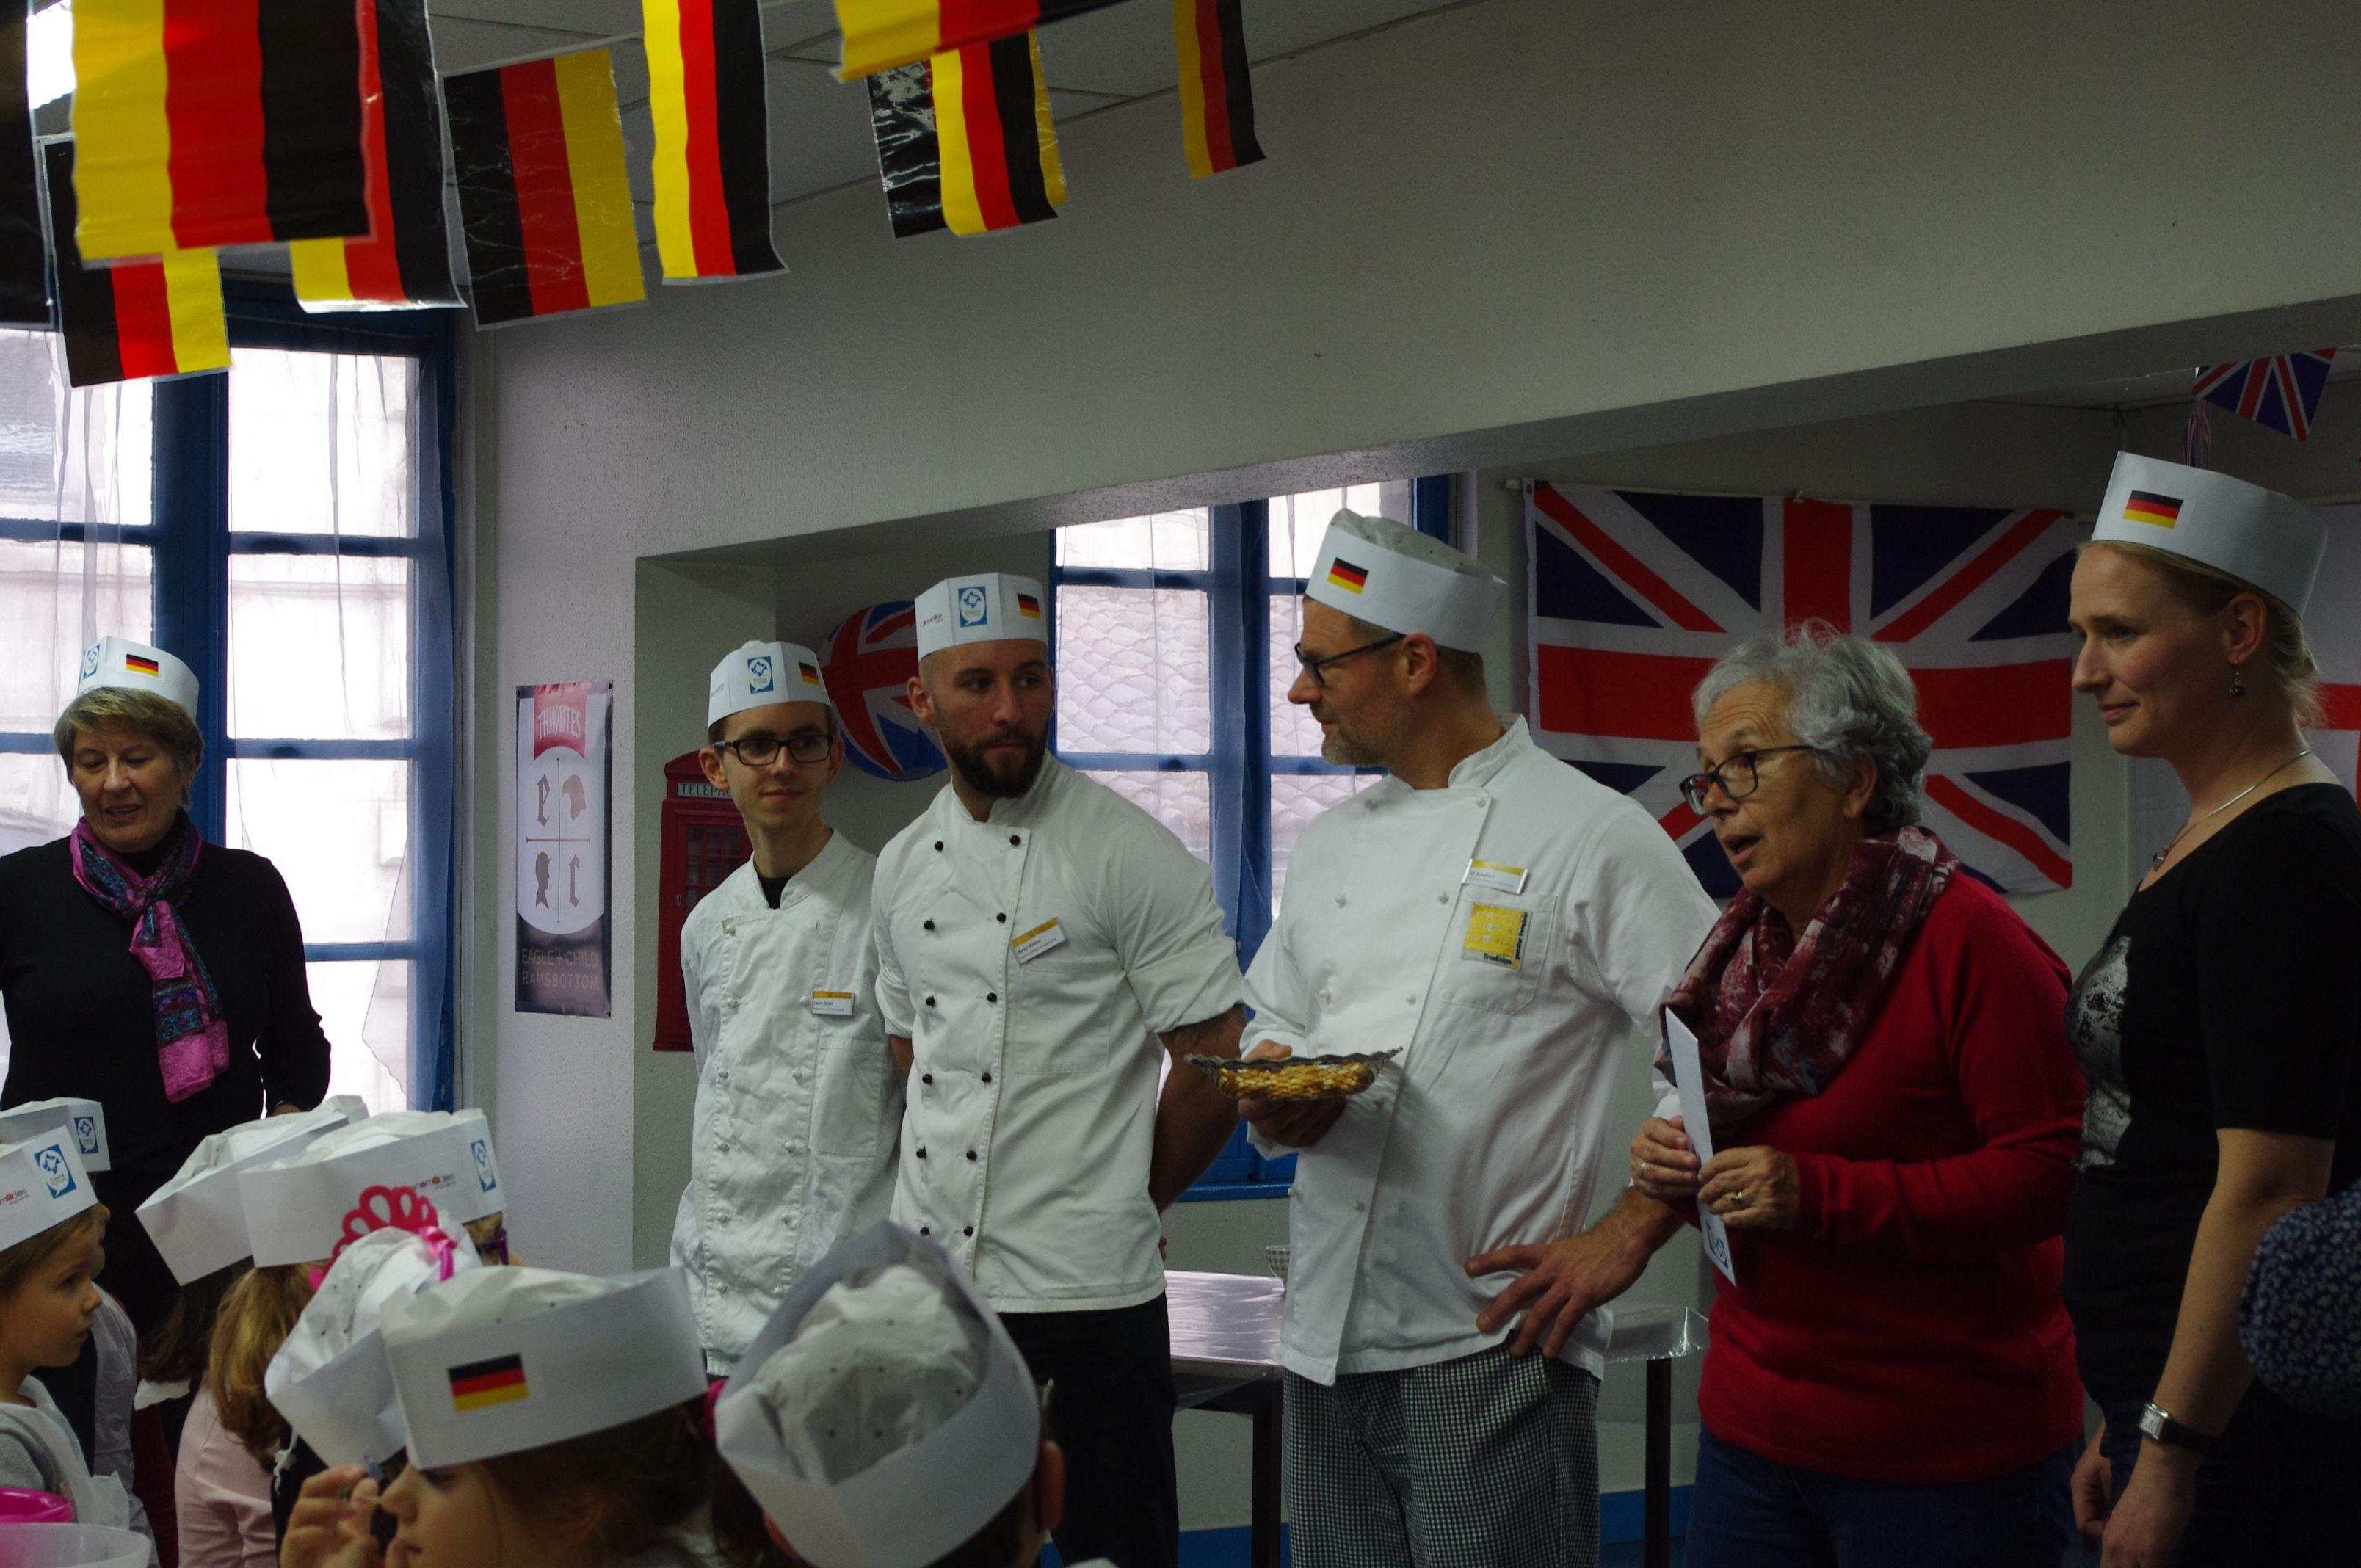 Comit des jumelages angoul me recette archives comit for Atelier cuisine angouleme